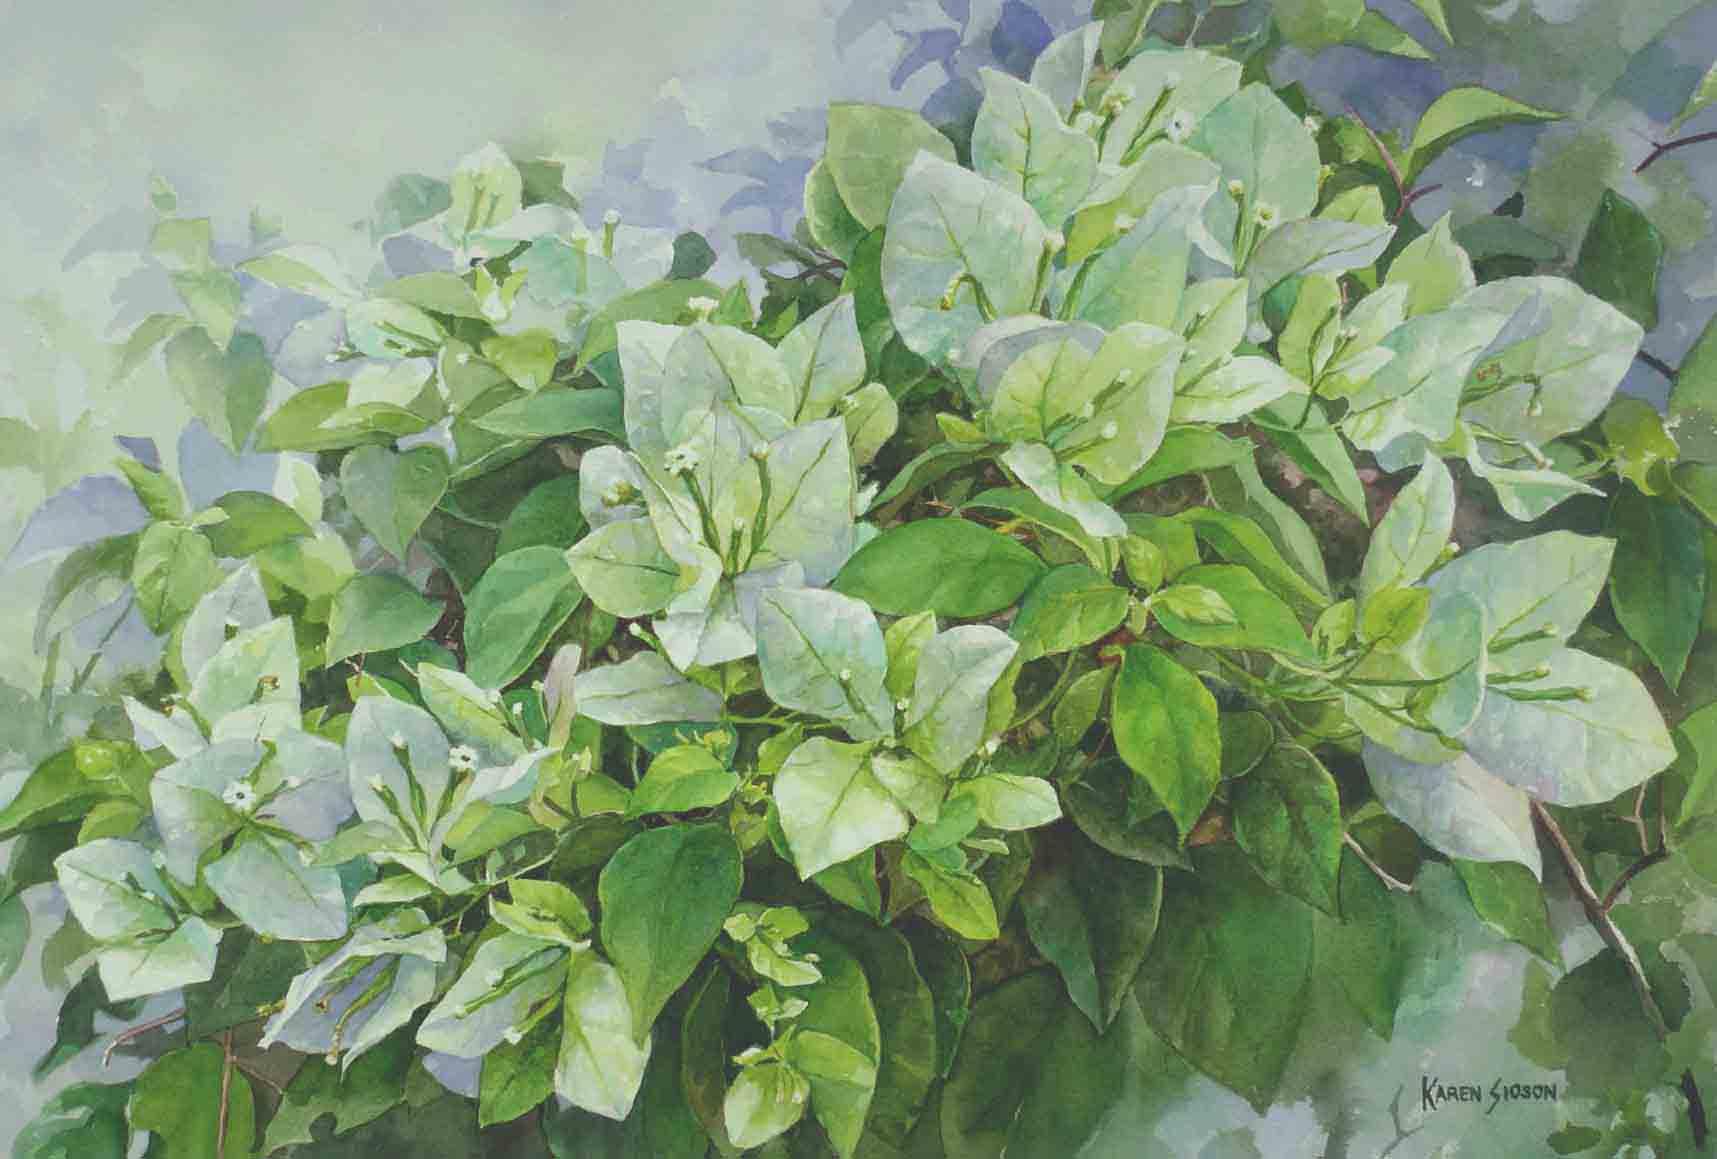 White Garden II, 15 x 22.5 inches